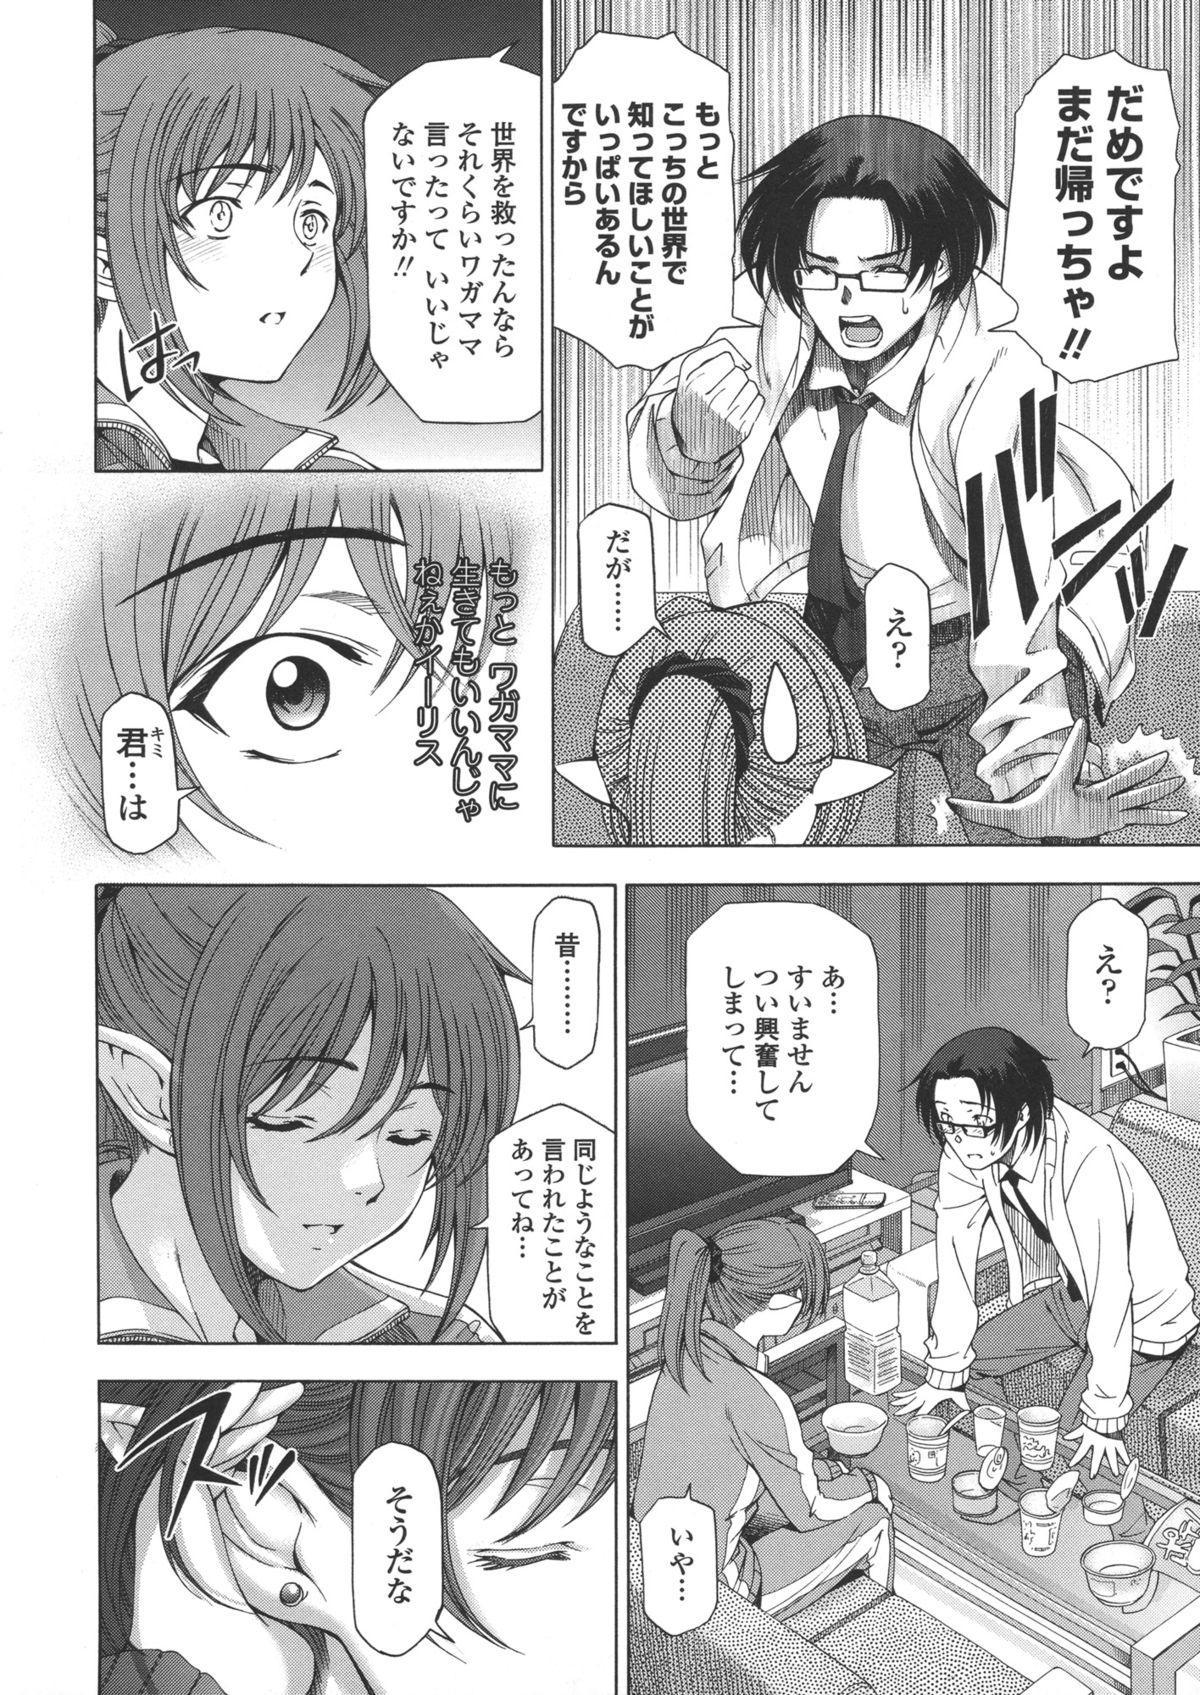 Ane wa Shota o Suki ni Naru 184